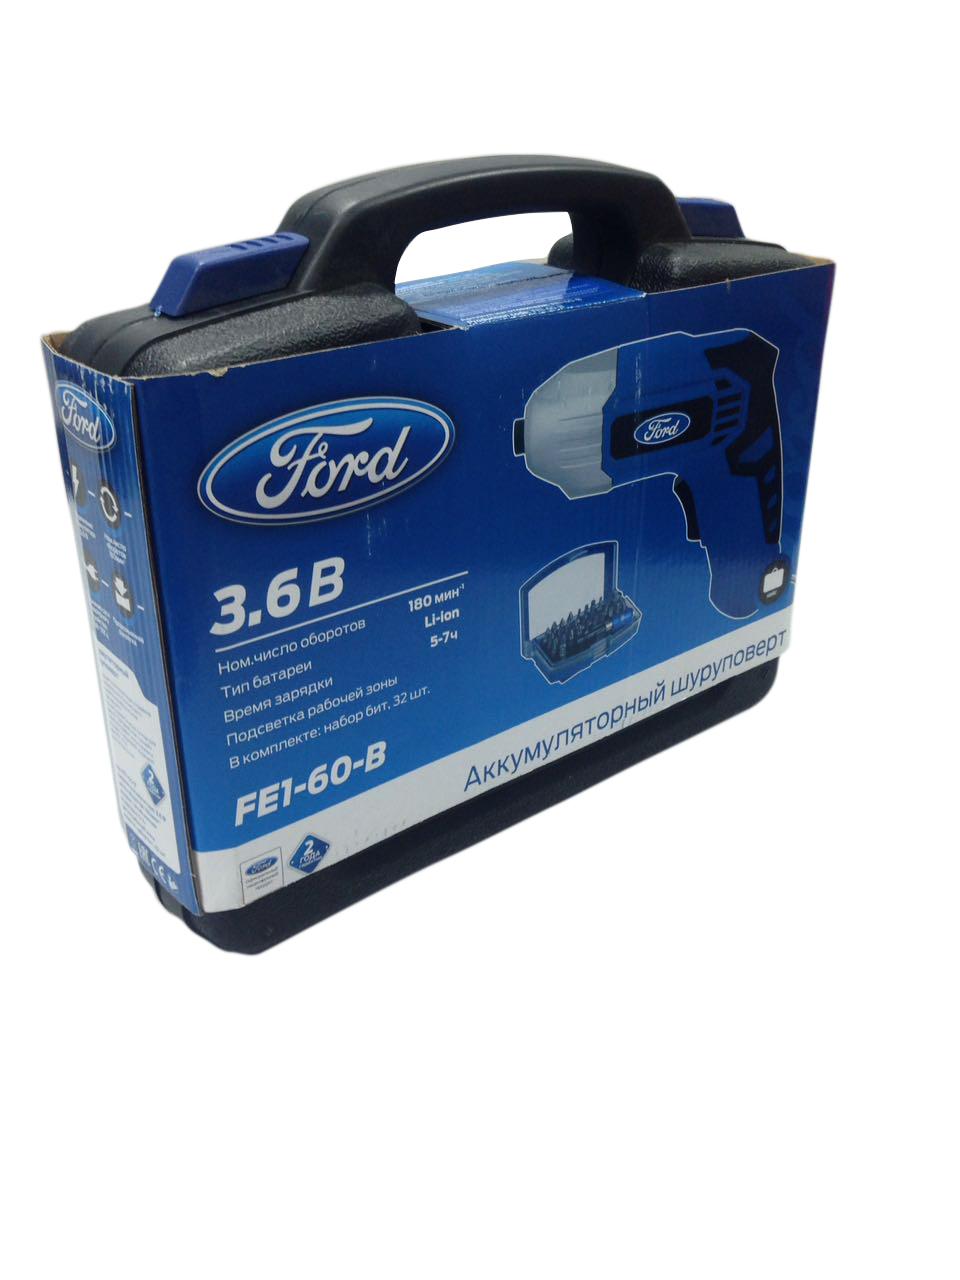 Отвертка аккумуляторная Ford Fe1-60-b